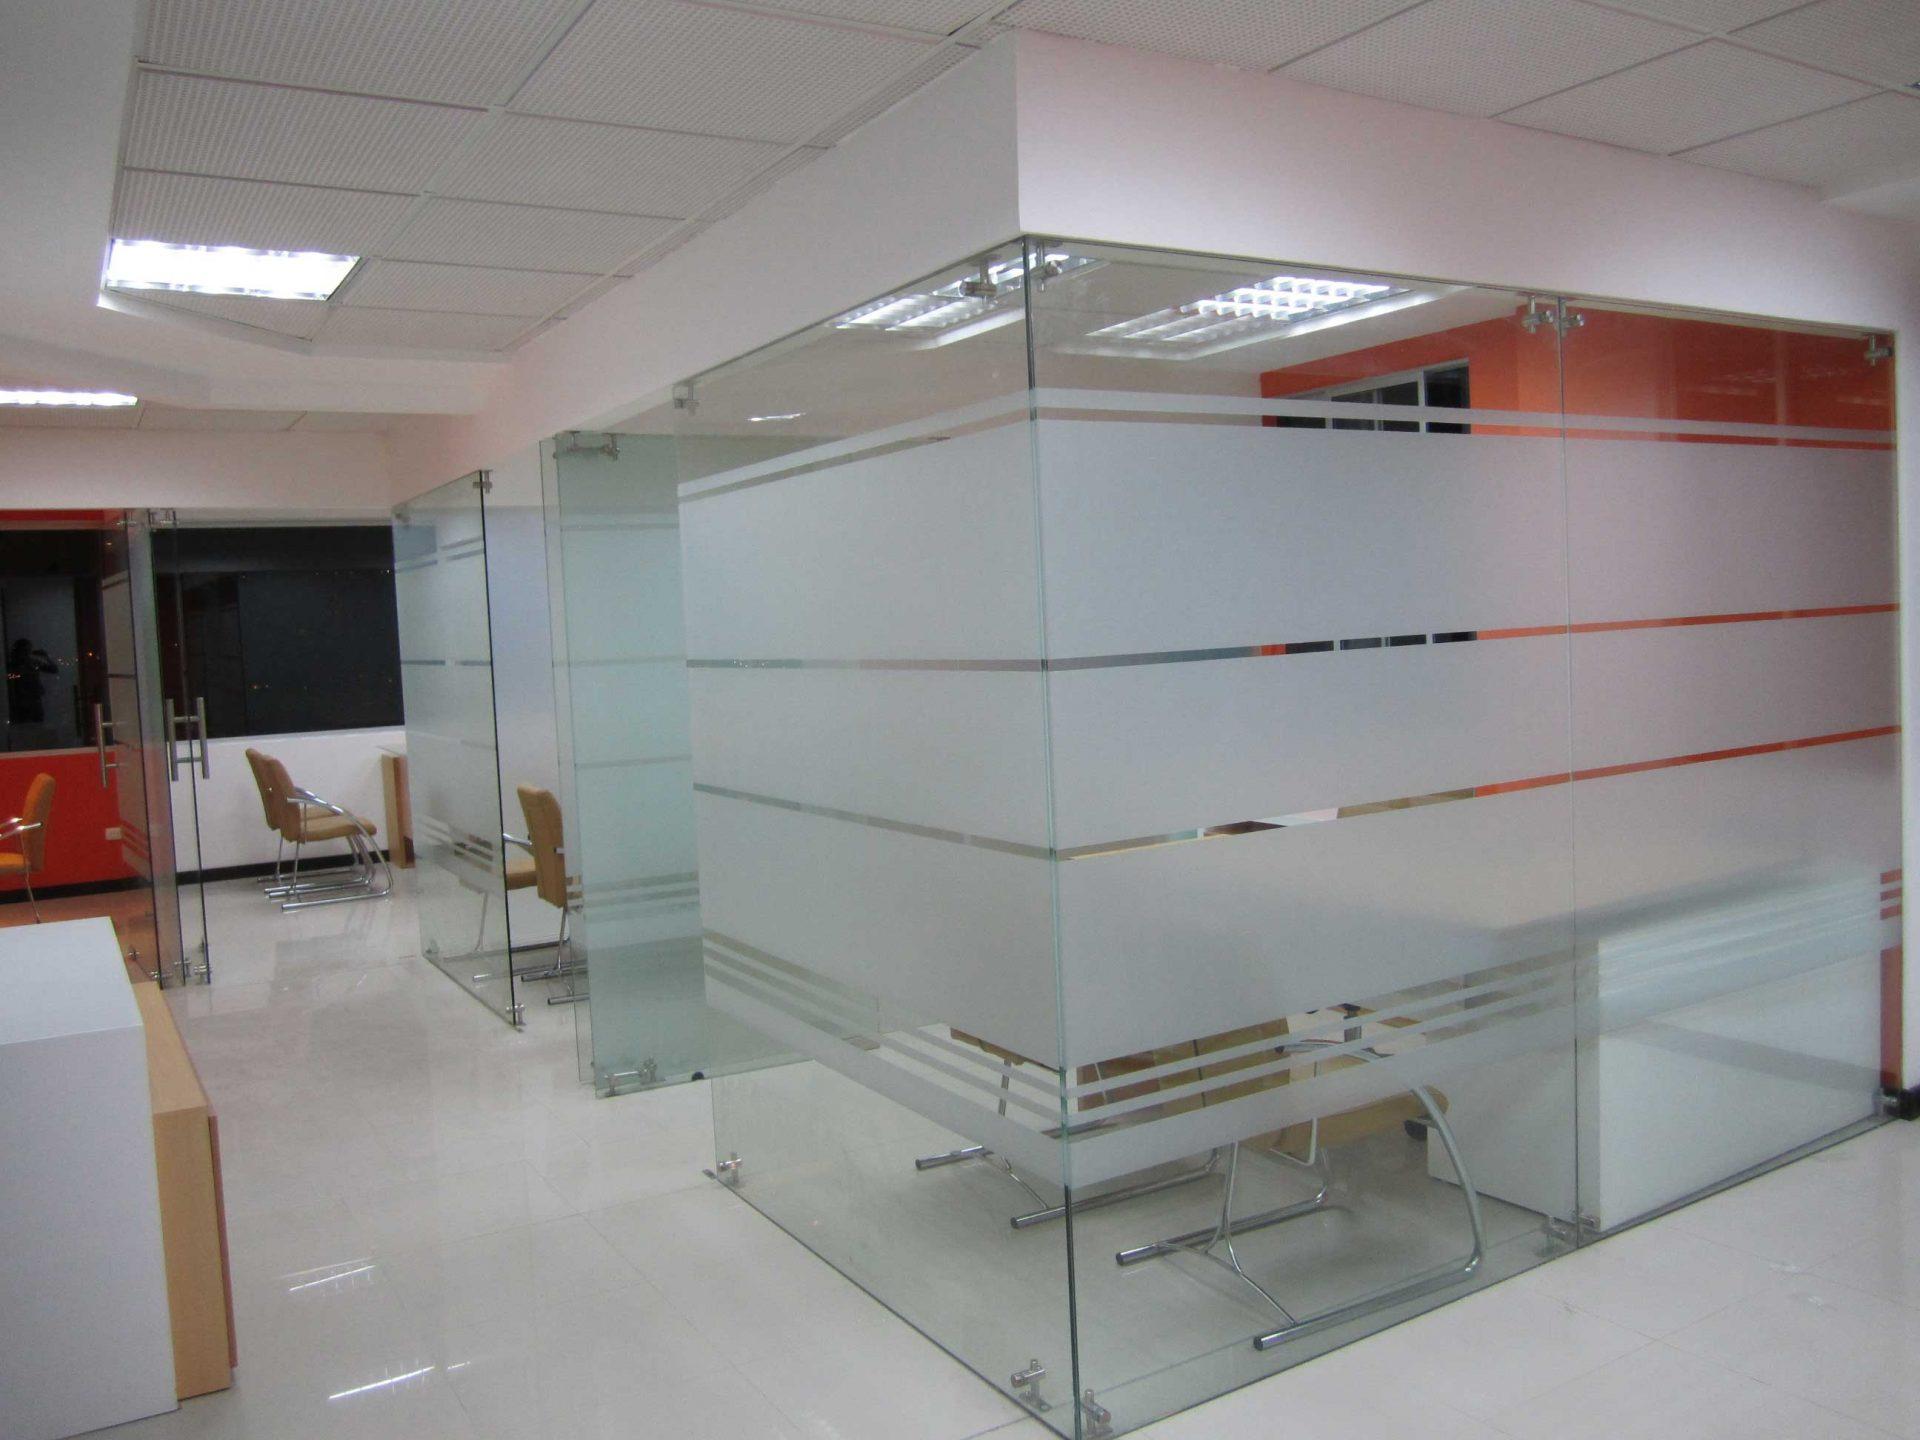 Divisiones en vidrio templado